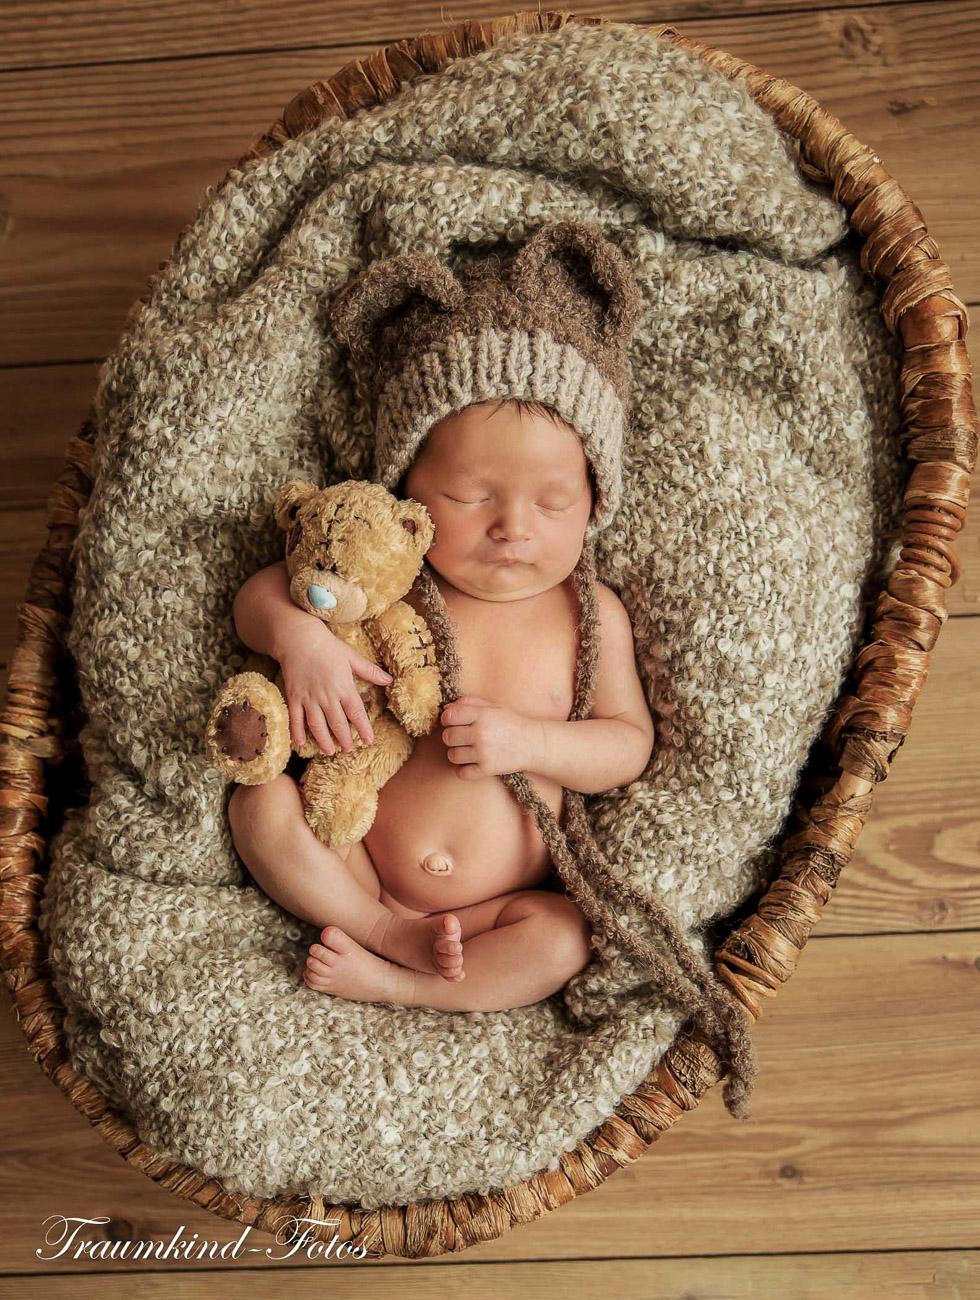 Traumkind Fotos Newborn Fotos Essen 4 1 - Babyfotos